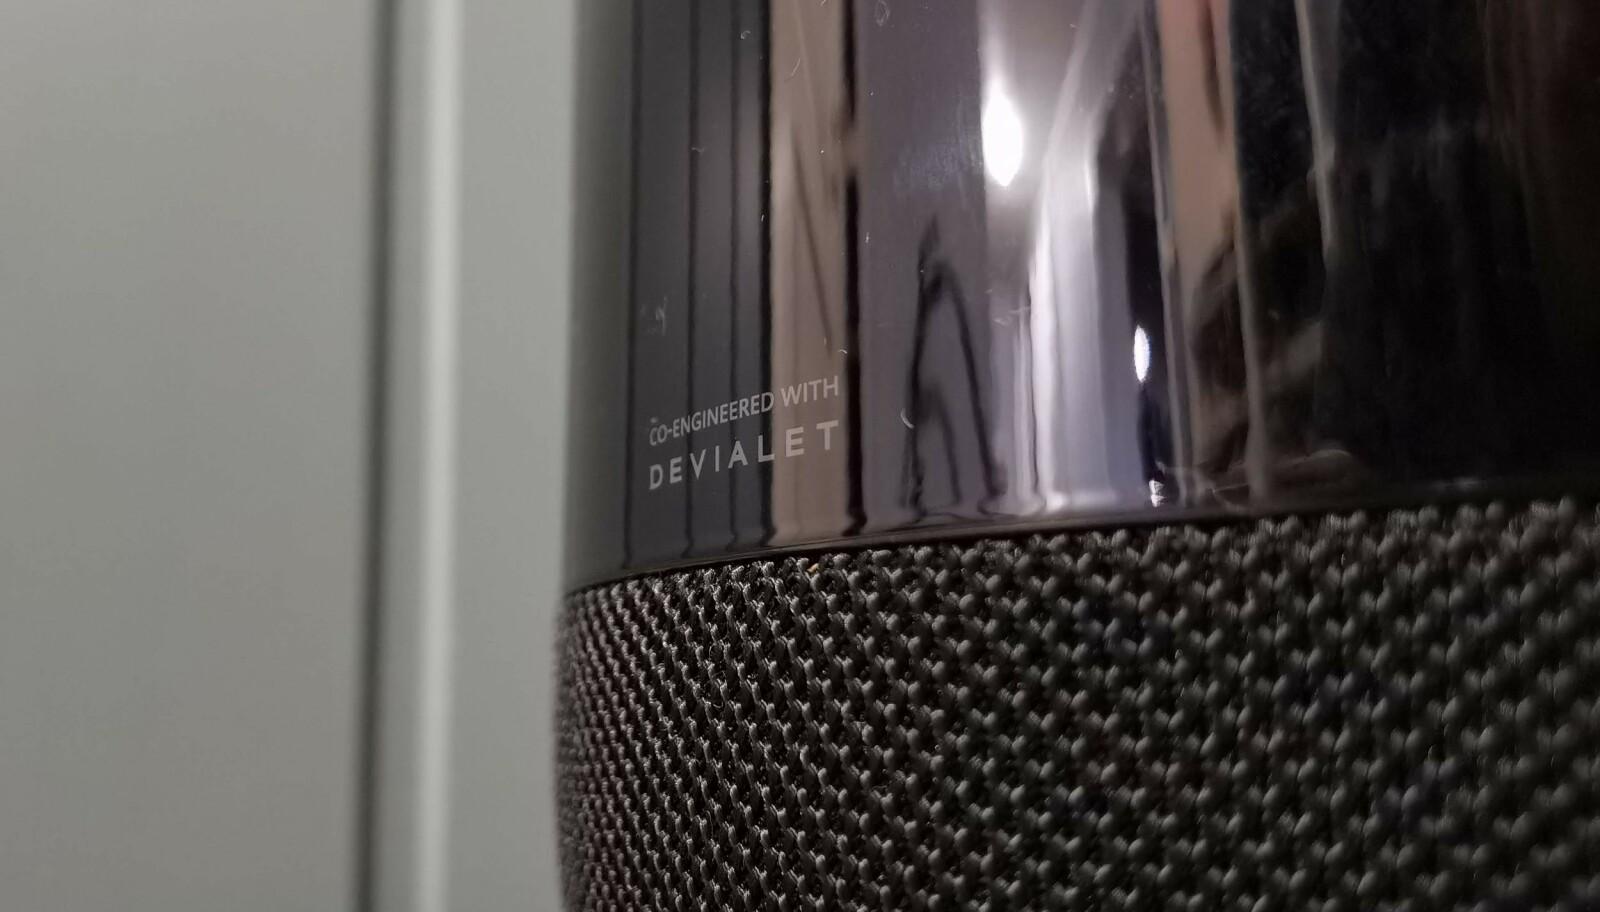 DISKRET: Dette lille merket på baksiden er det eneste som viser at det er franske Devialet som står bak lydteknologien i Sound X. Foto: Pål Joakim Pollen